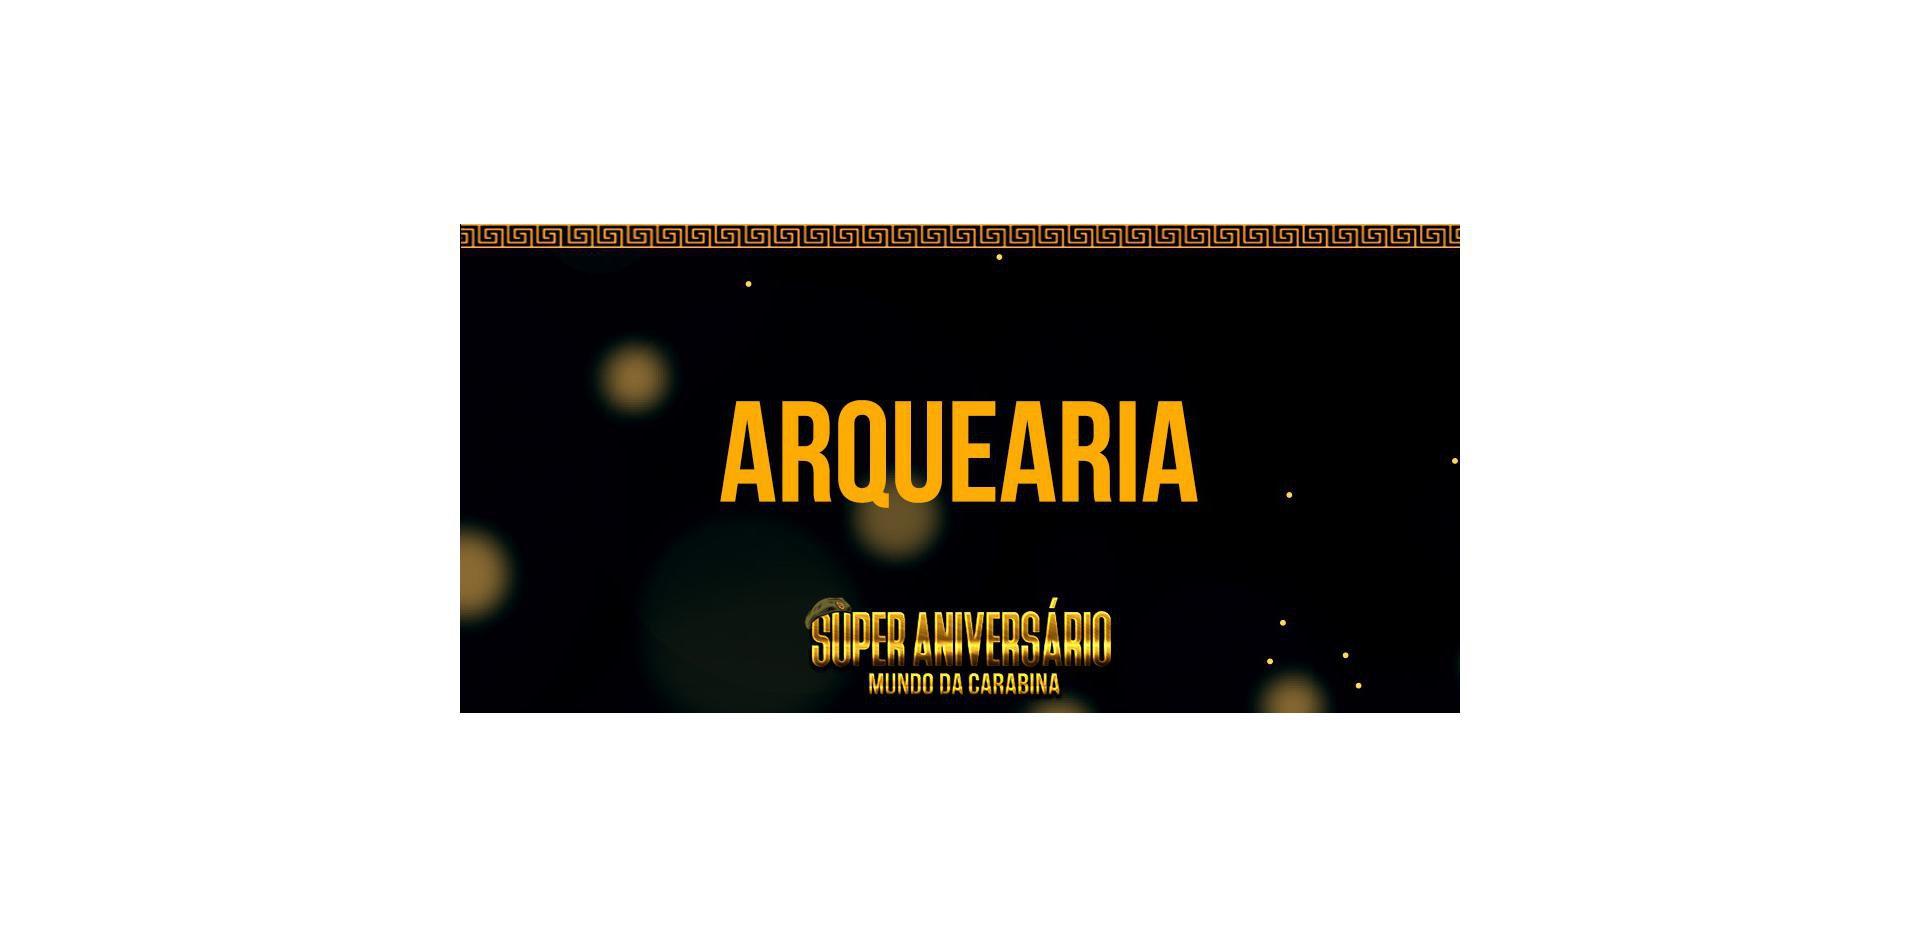 Arquearia